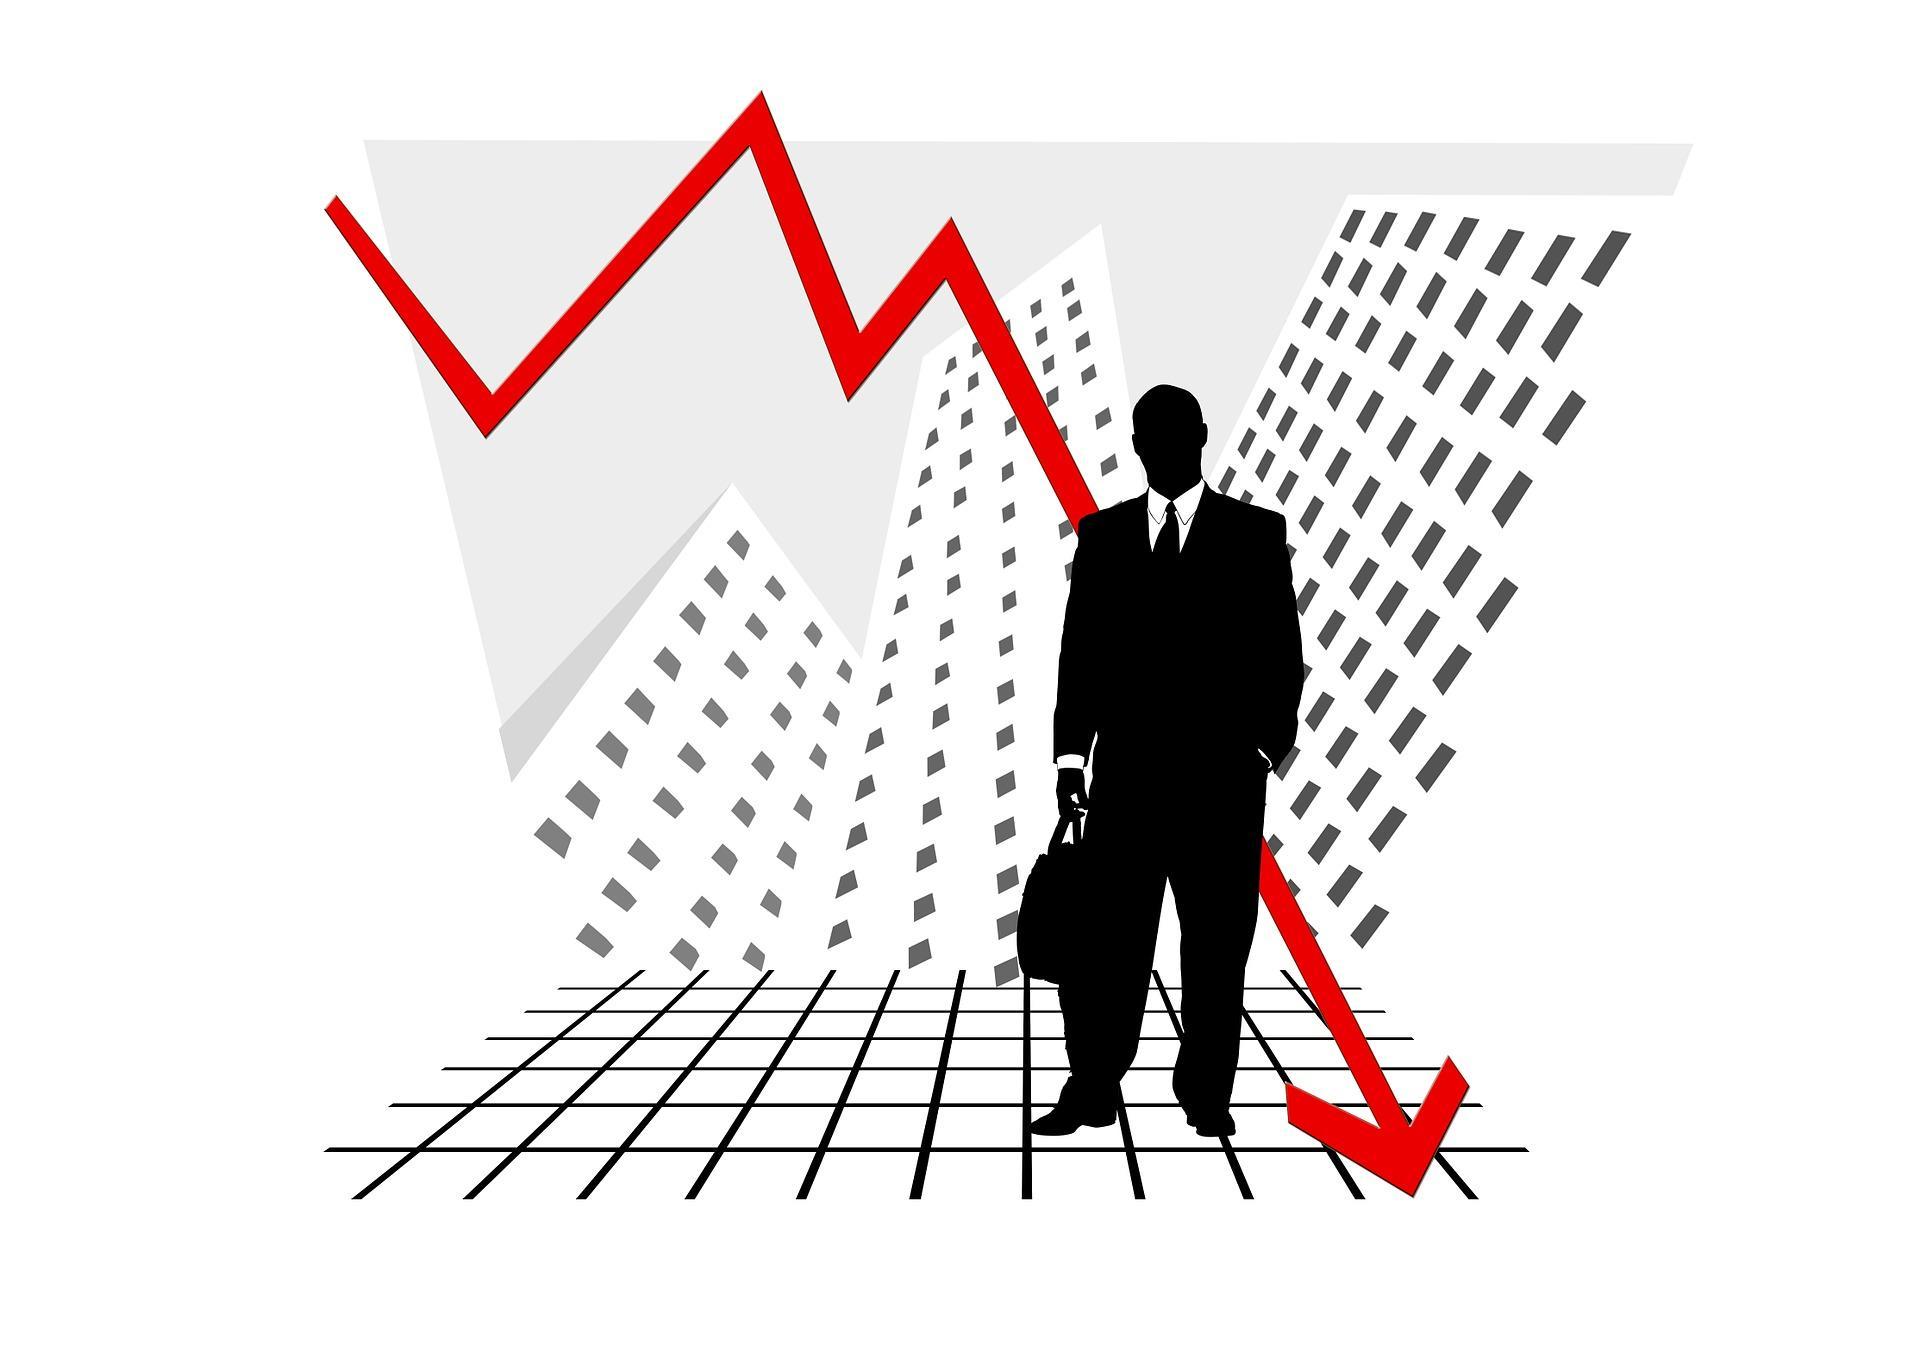 Die zur Insolvenztabelle angemeldete Forderung aus Gewerbesteuerhaftung